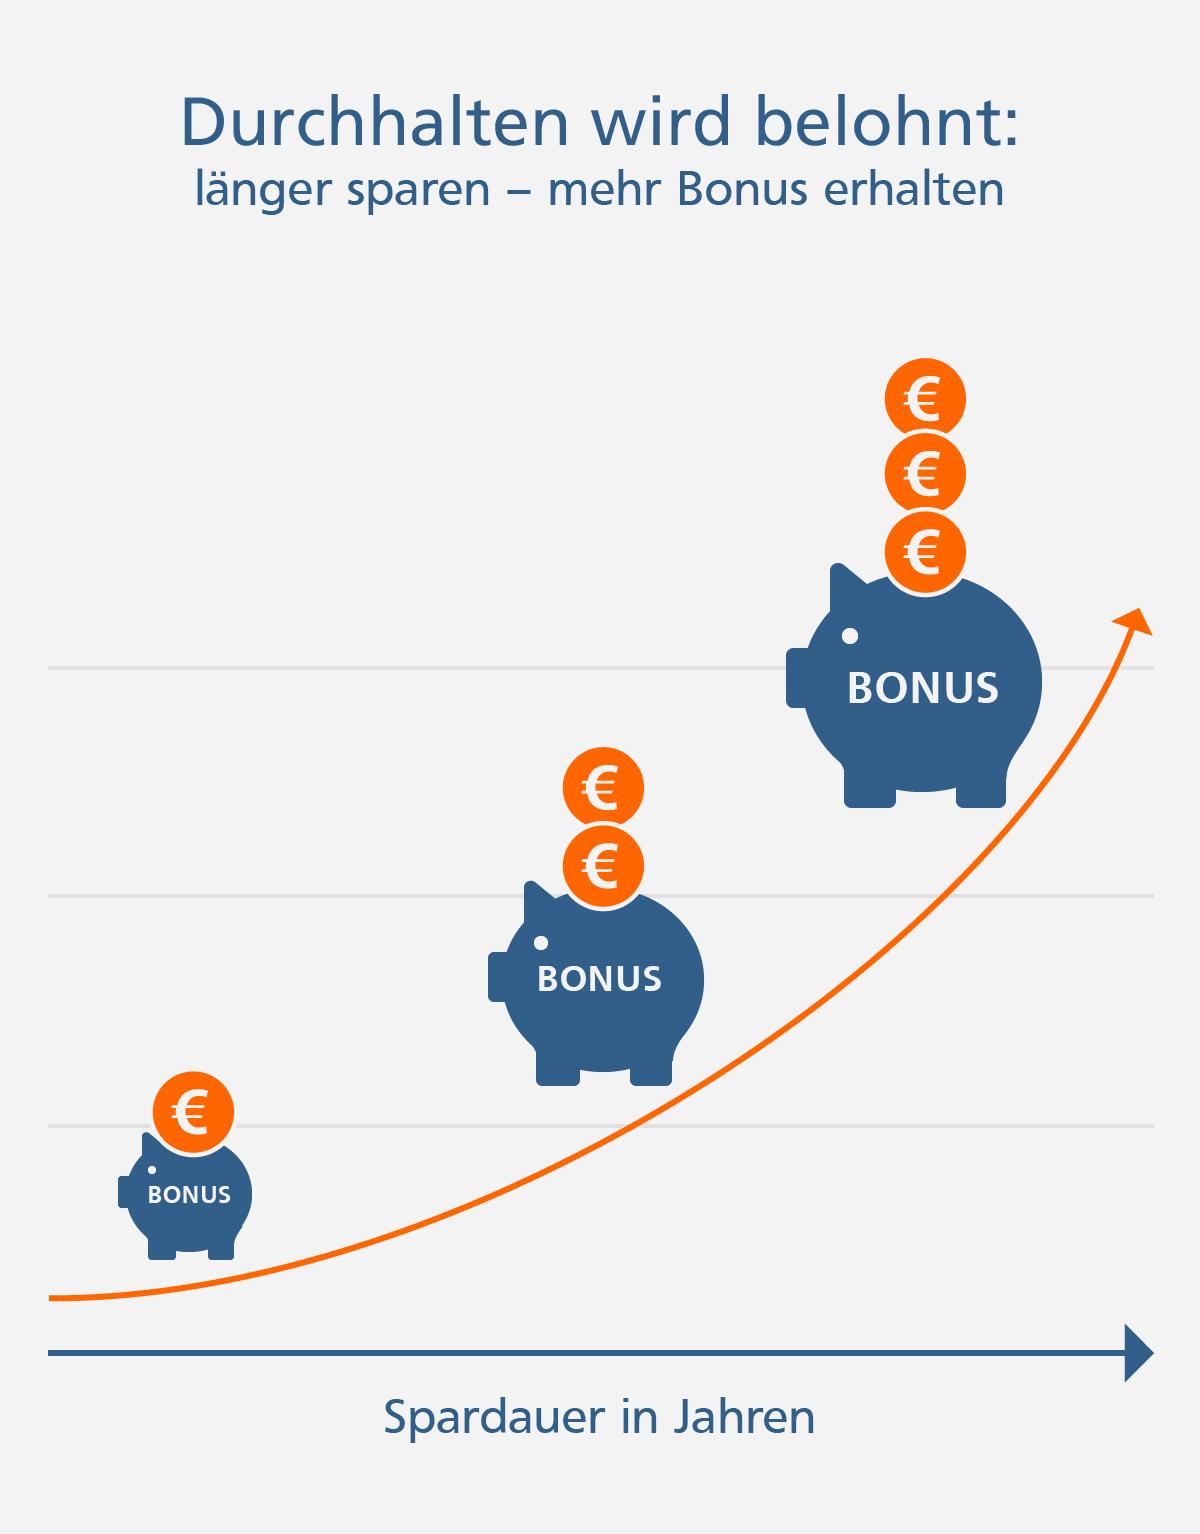 Je länger Sie sparen, desto mehr Bonus erhalten Sie